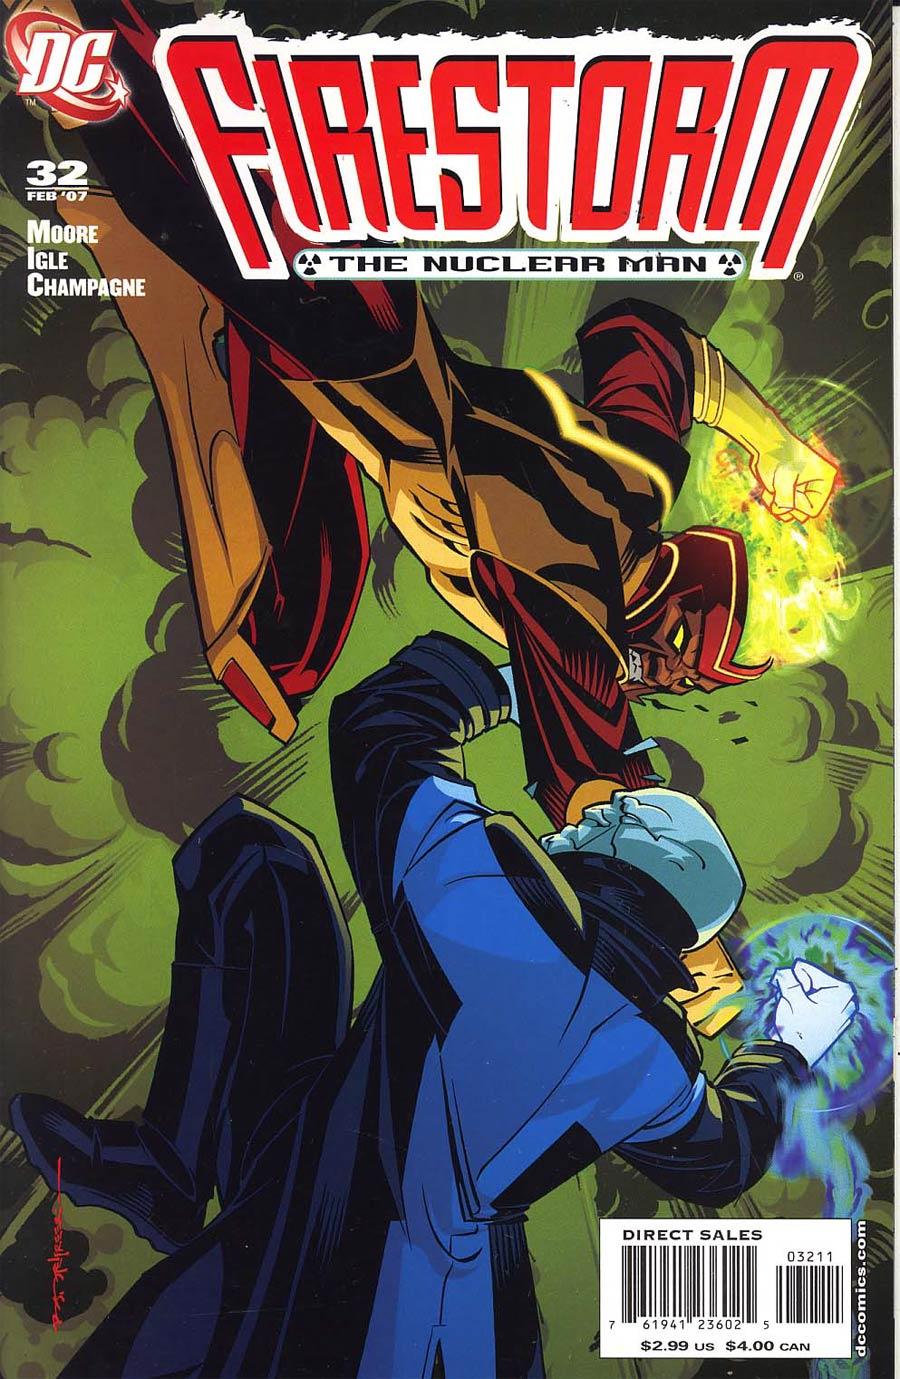 Firestorm Vol 2 #32